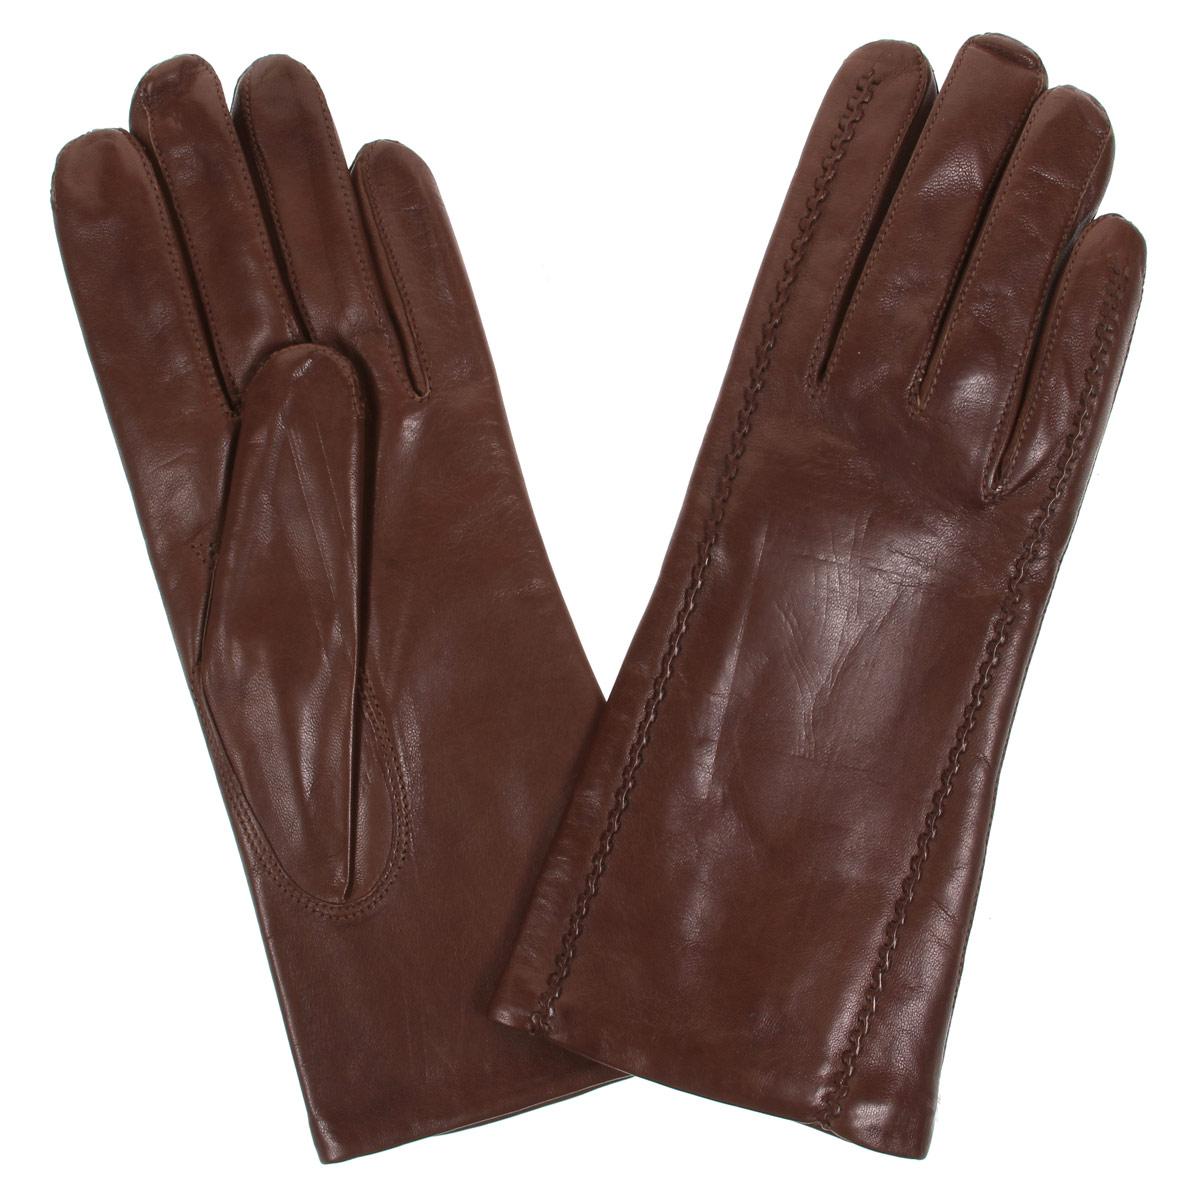 Перчатки женские Bartoc, цвет: коричневый. DF12-247.chestnut. Размер 6,5DF12-247.chestnutСтильные женские перчатки Bartoc не только защитят ваши руки от холода, но и станут великолепным украшением. Они выполнены из мягкой и приятной на ощупь натуральной кожи ягненка, подкладка - из шерсти. Декорирована модель на лицевой стороне оригинальной рельефной отстрочкой.Перчатки являются неотъемлемой принадлежностью одежды, вместе с этим аксессуаром вы обретаете женственность и элегантность. Они станут завершающим и подчеркивающим элементом вашего неповторимого стиля и индивидуальности.